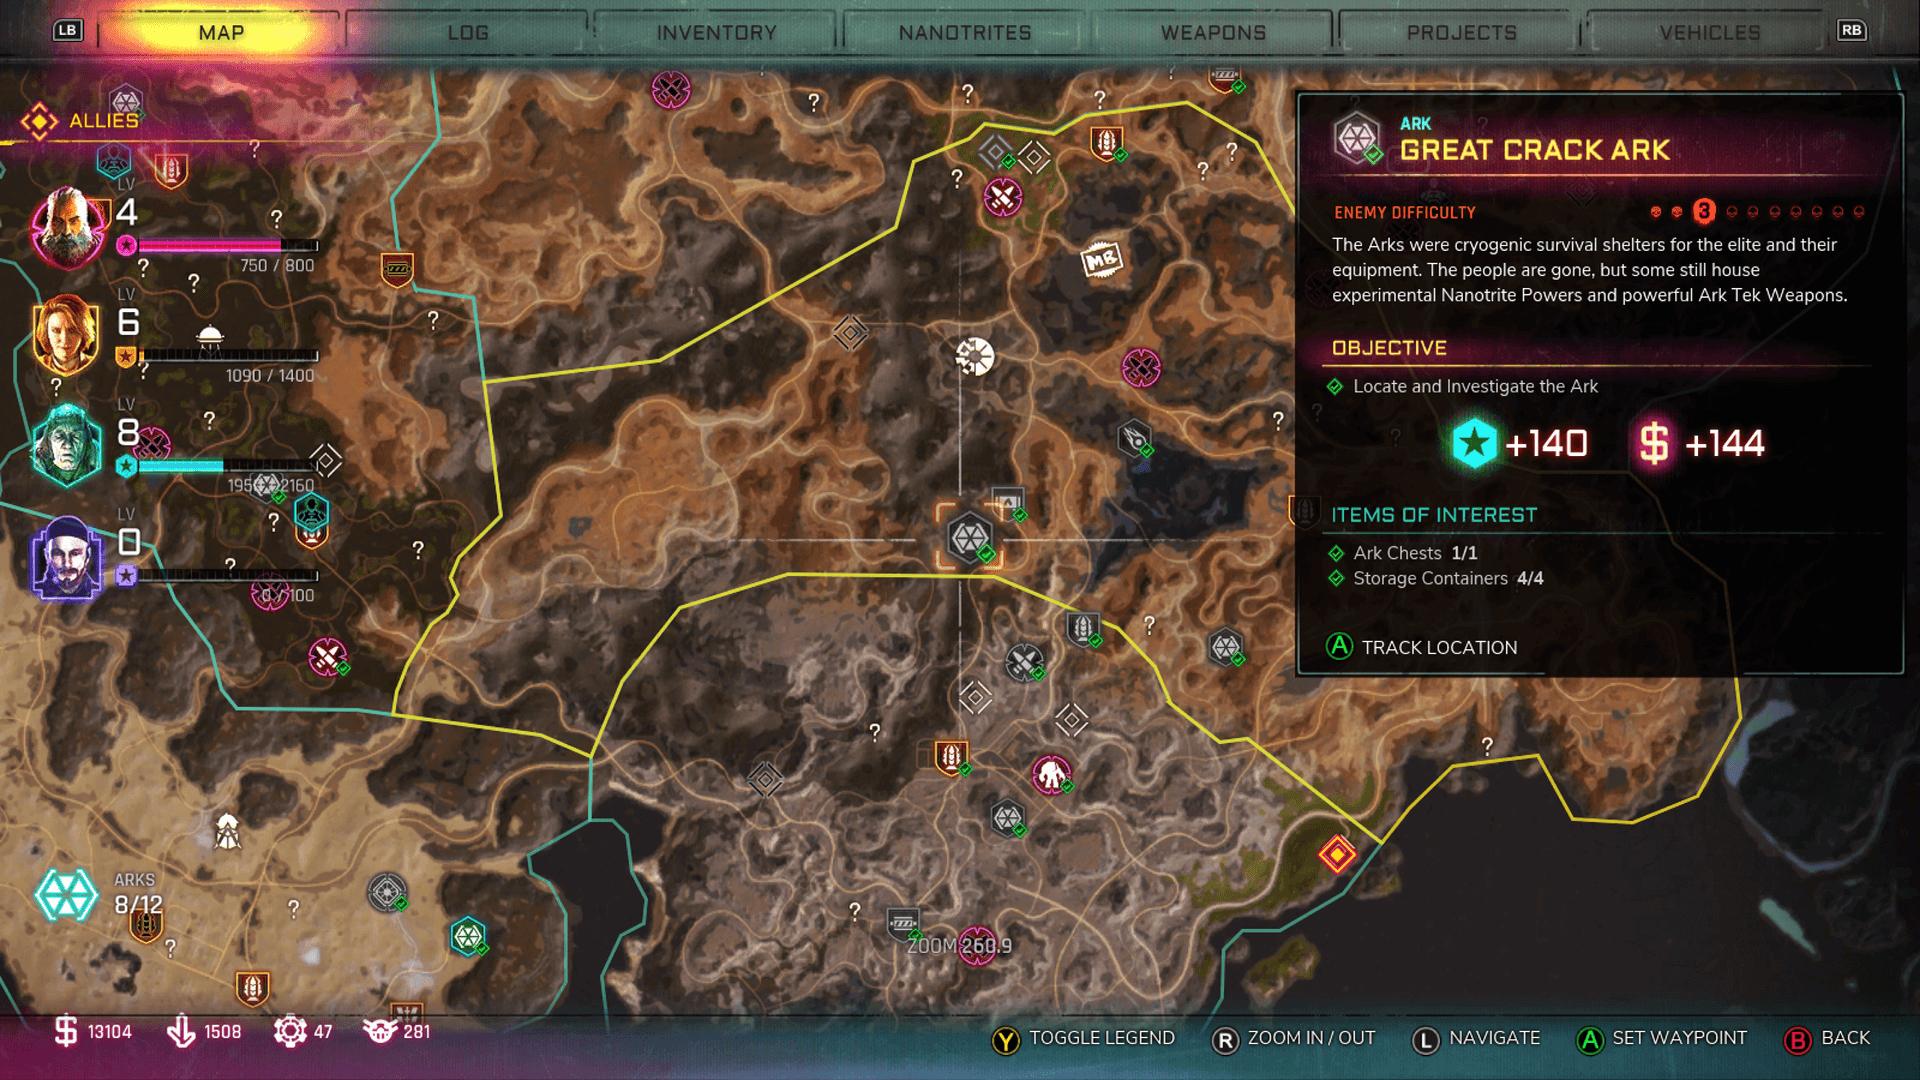 Rage 2 Ark Locations